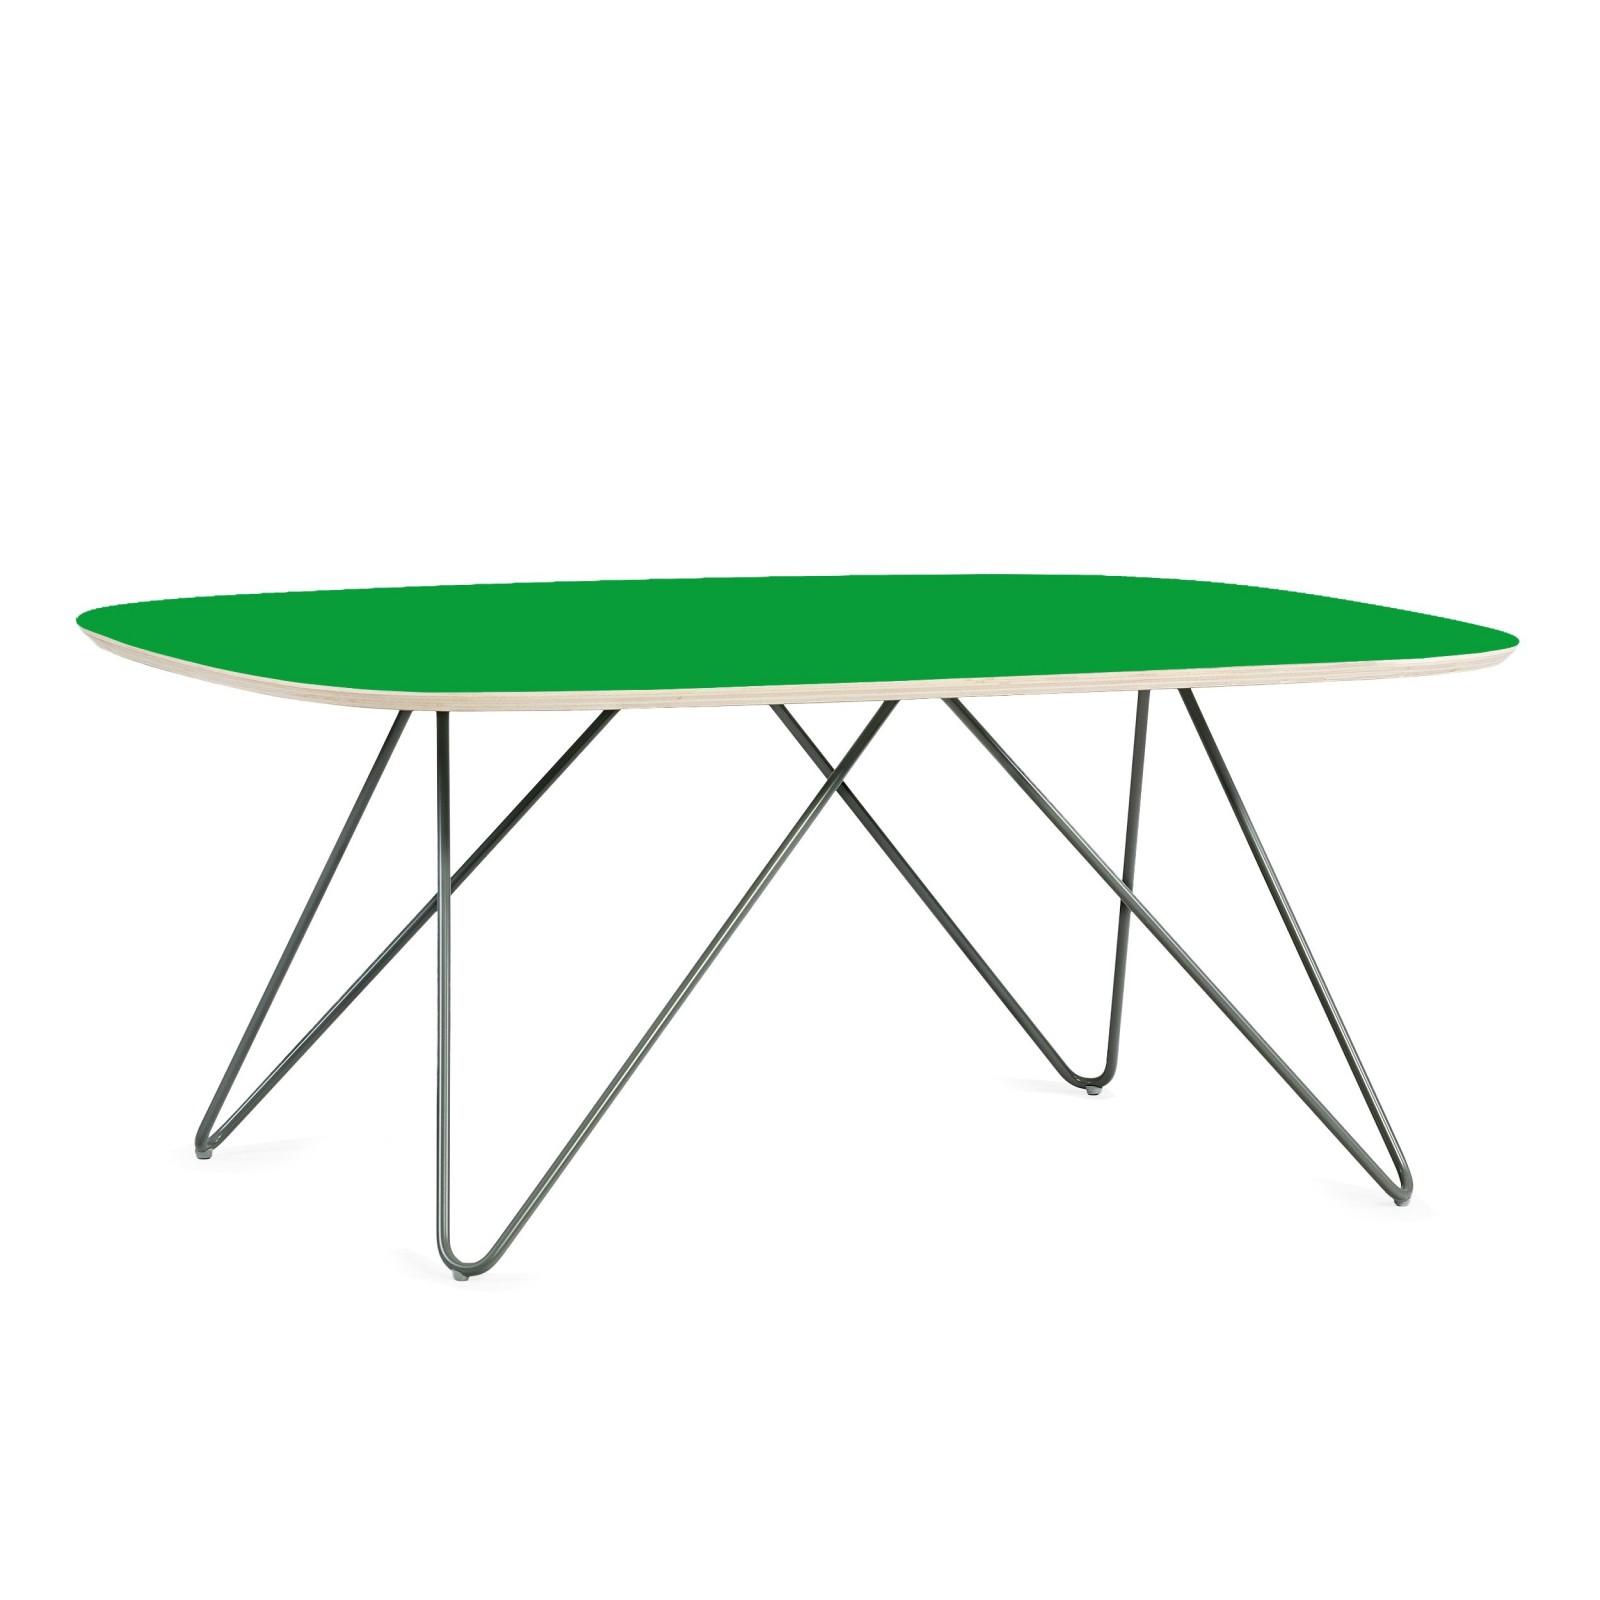 Stolik Zig-Zag DL - zielony